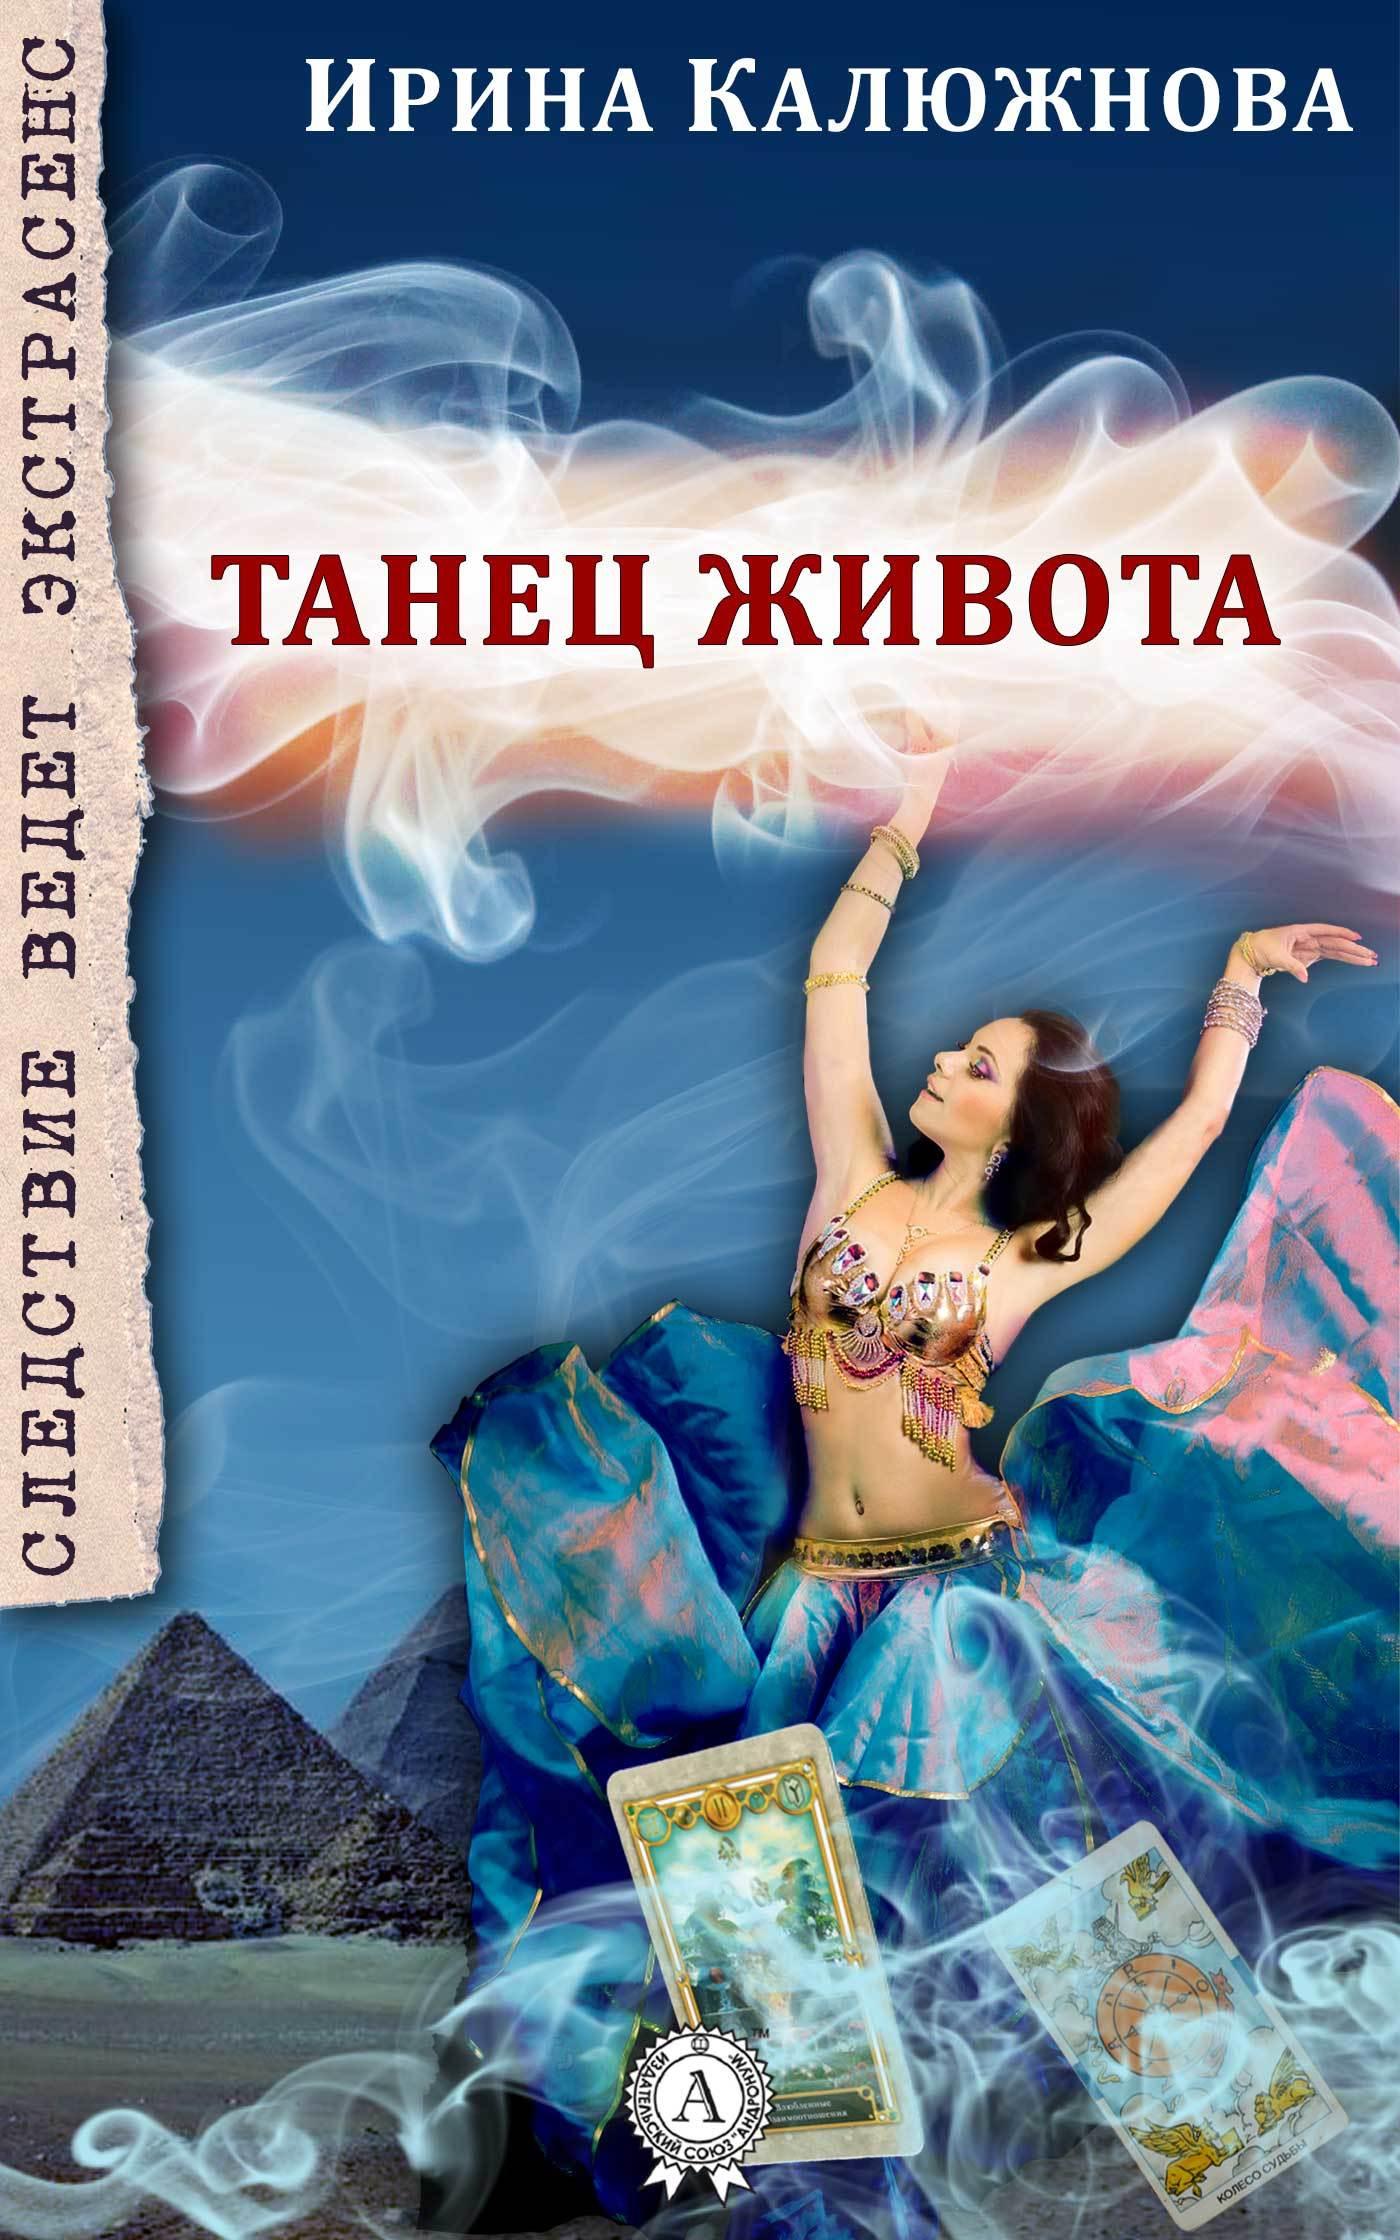 Ирина Калюжнова Танец живота ирина калюжнова танец живота